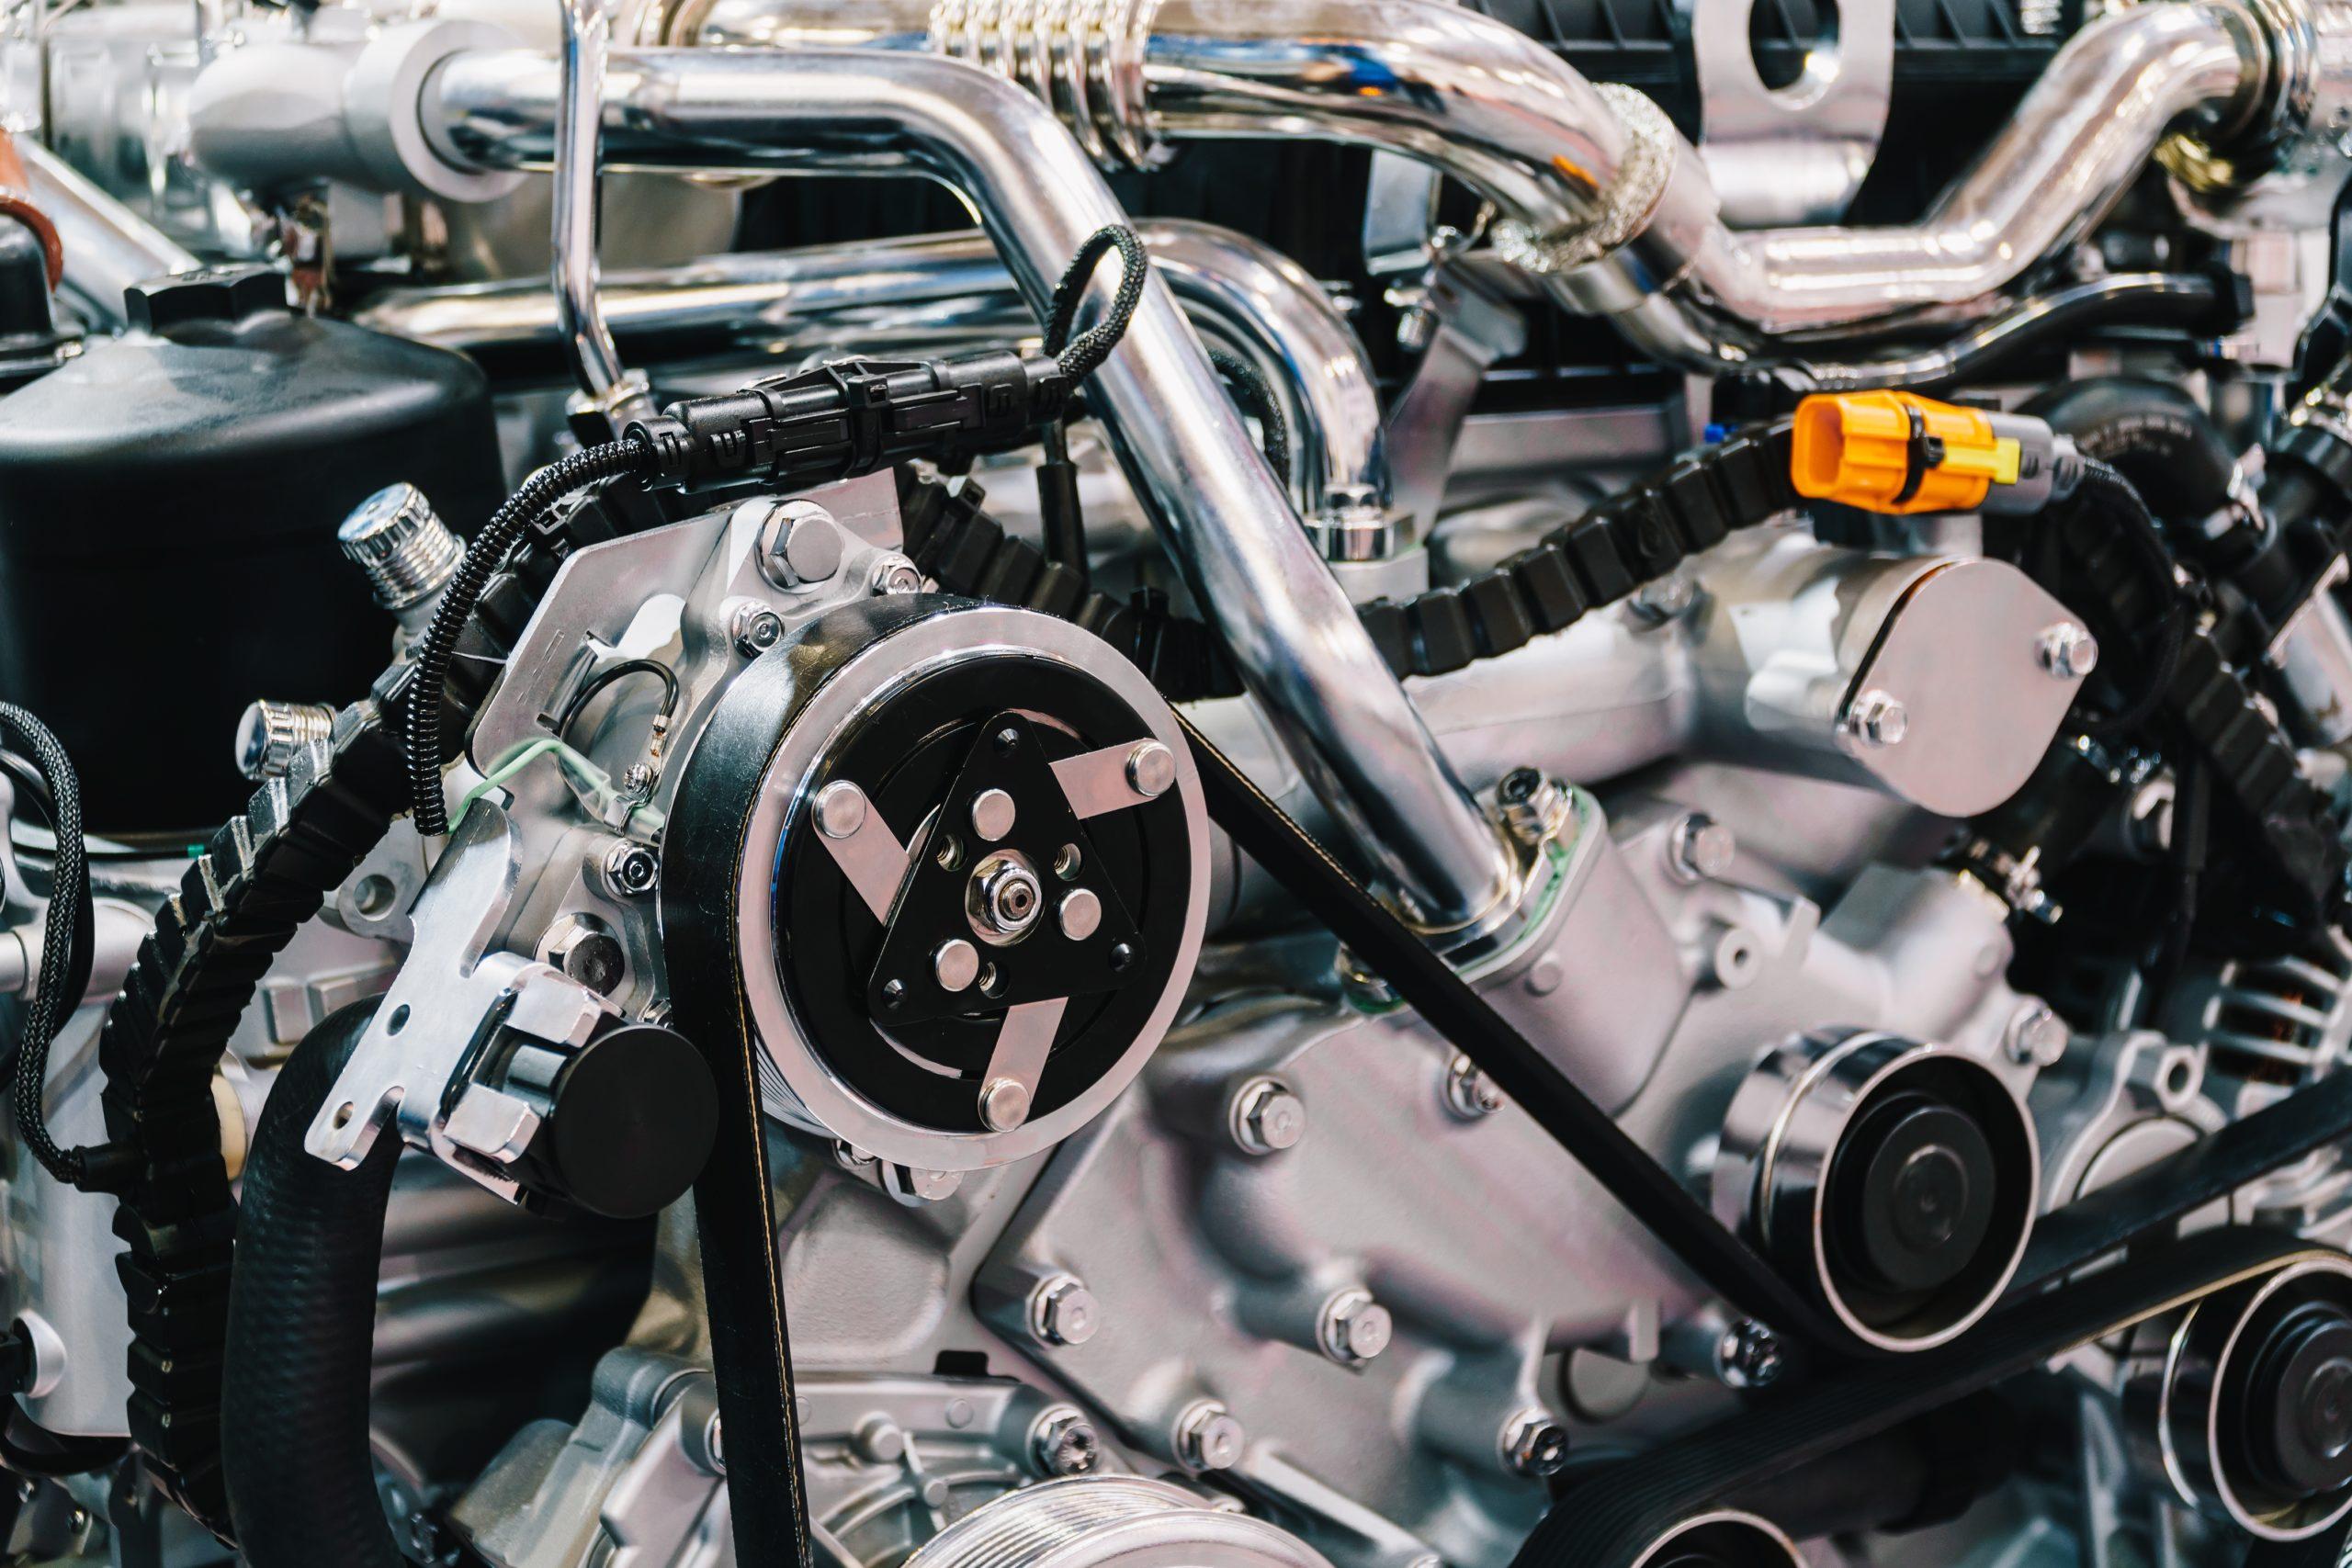 truck-engine-motor-components-in-car-service-inspe-84W6SYK-scaled-1 Автоматическая маркировка табличек с системой этикетирования